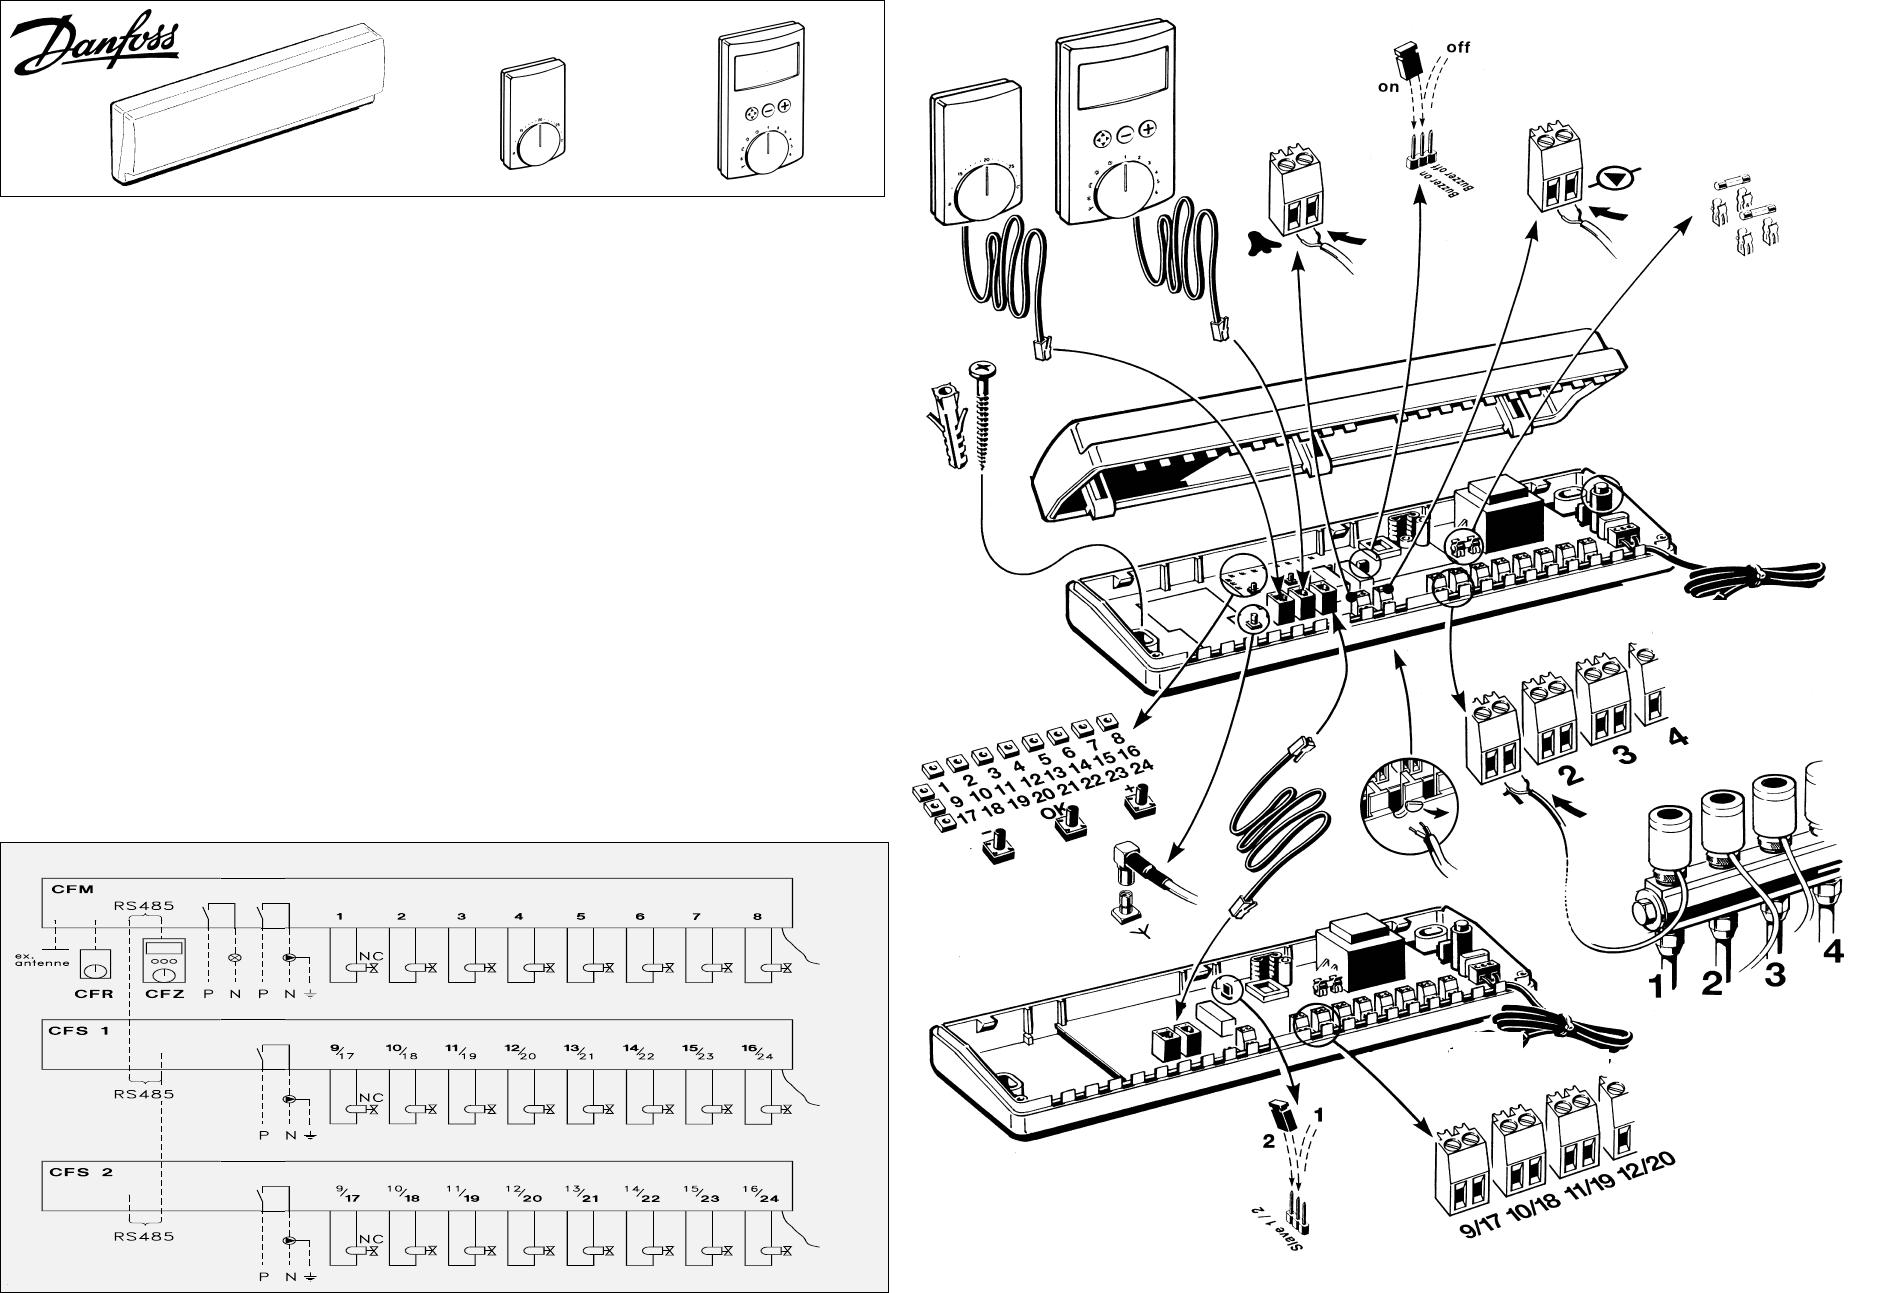 Danfoss A S TYPE-CFR Wireless Floor Heating Control System